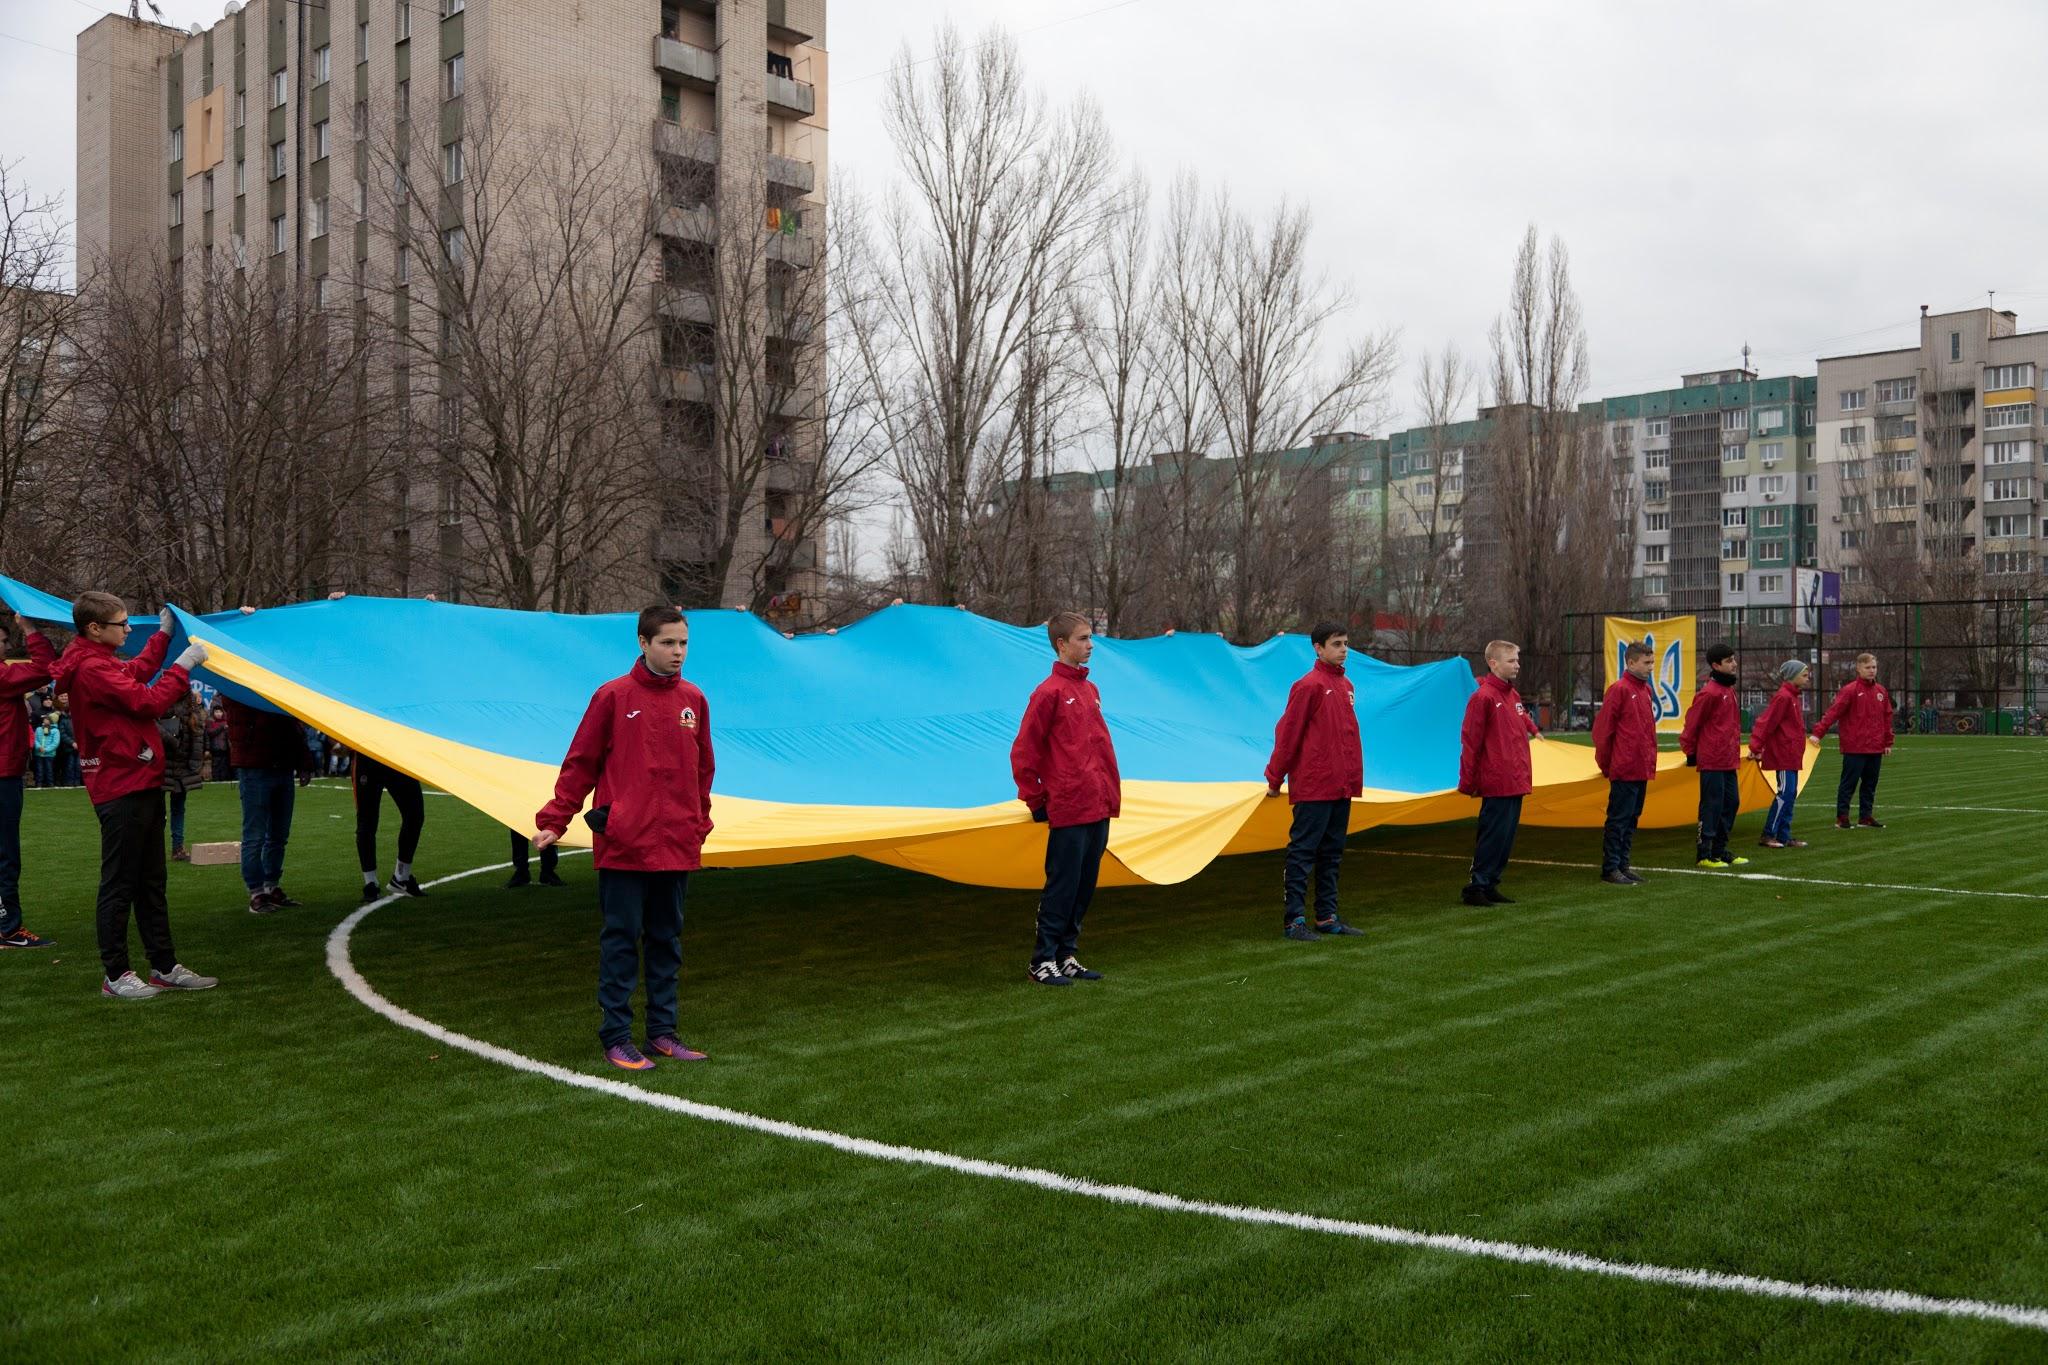 Відкритий Кубок федерації футболу АР Крим 2017 року